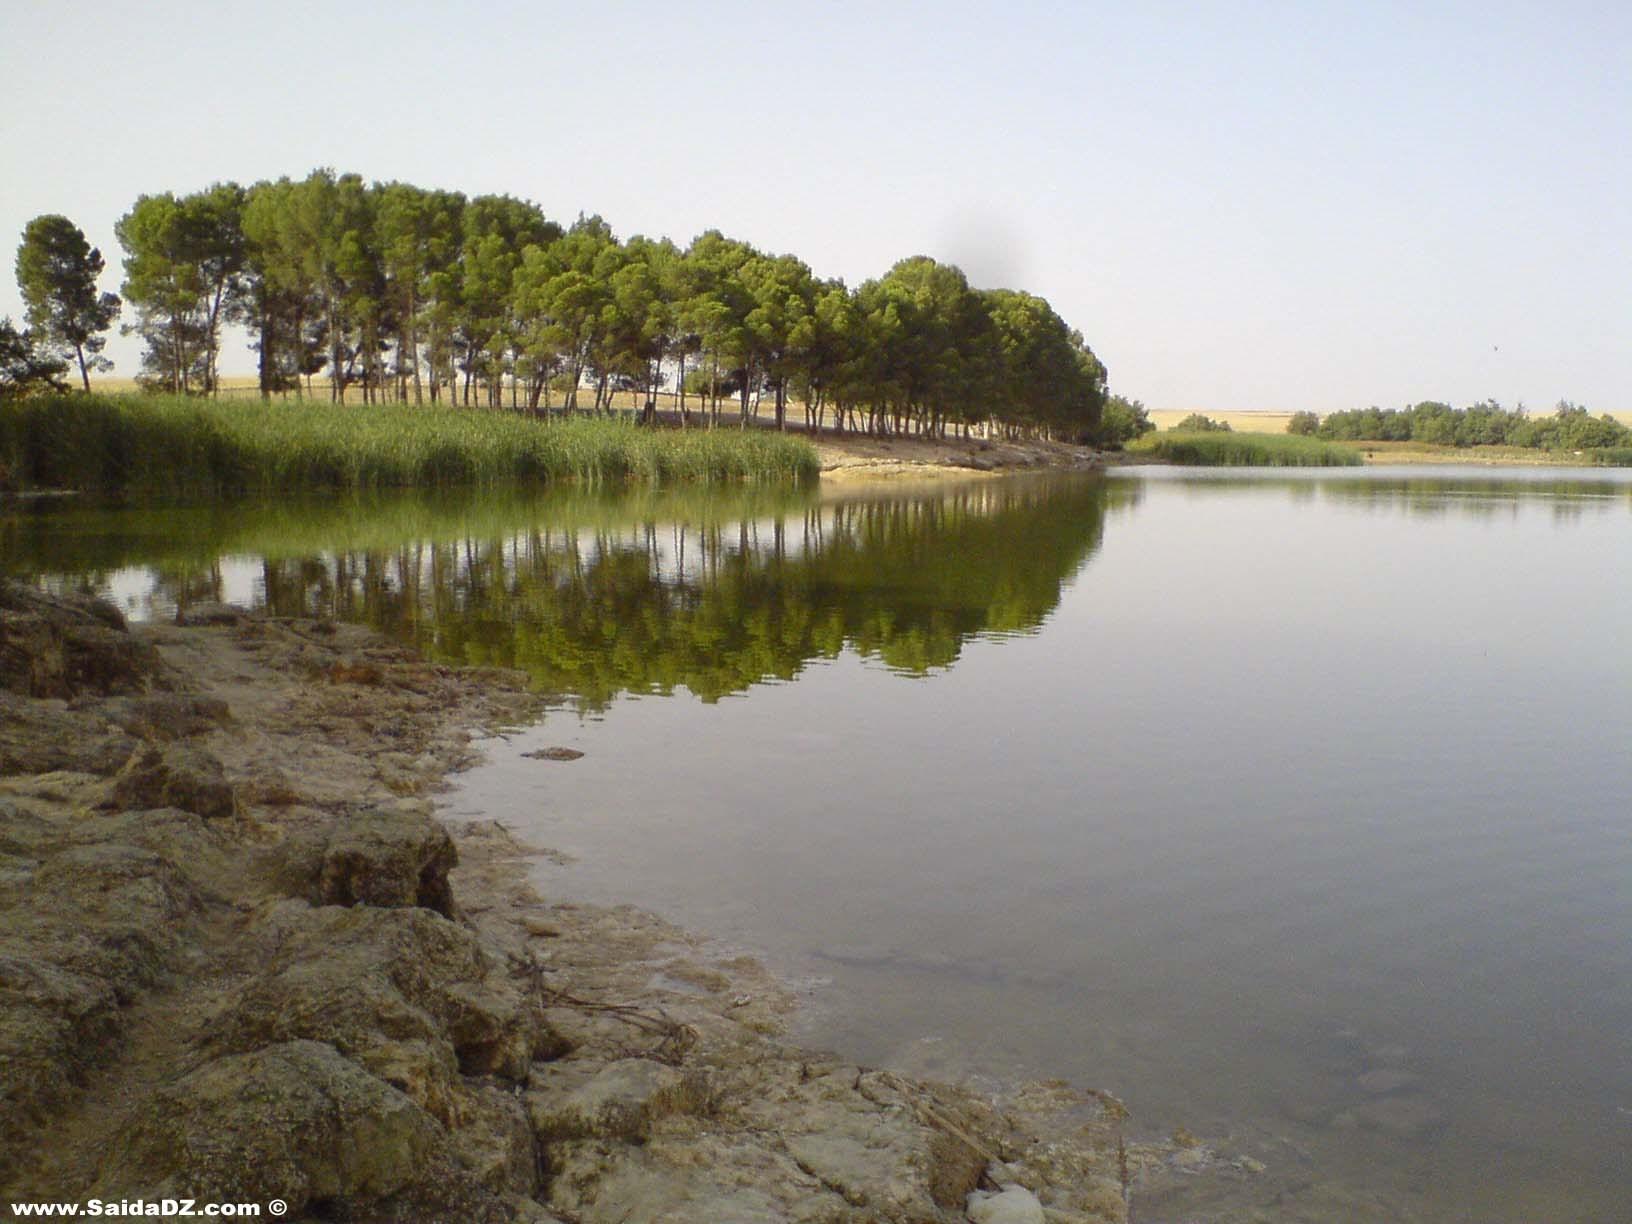 ���� ������ �� ����� ������� le-lac-de-sba-2.7140